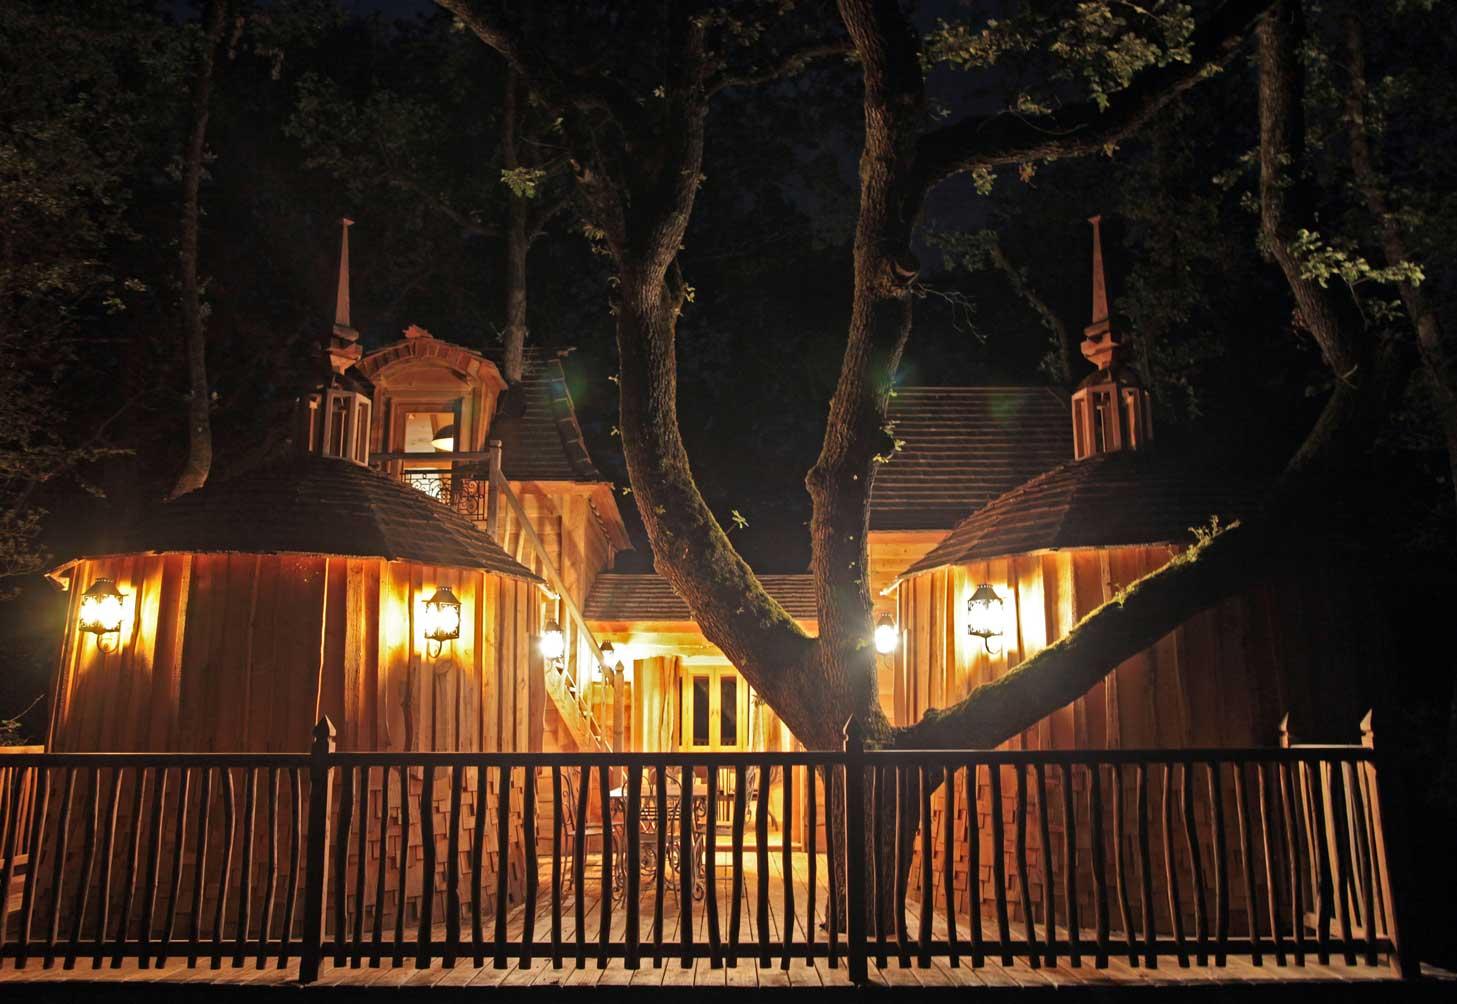 cabanes dans les arbres - dormir dans les arbres